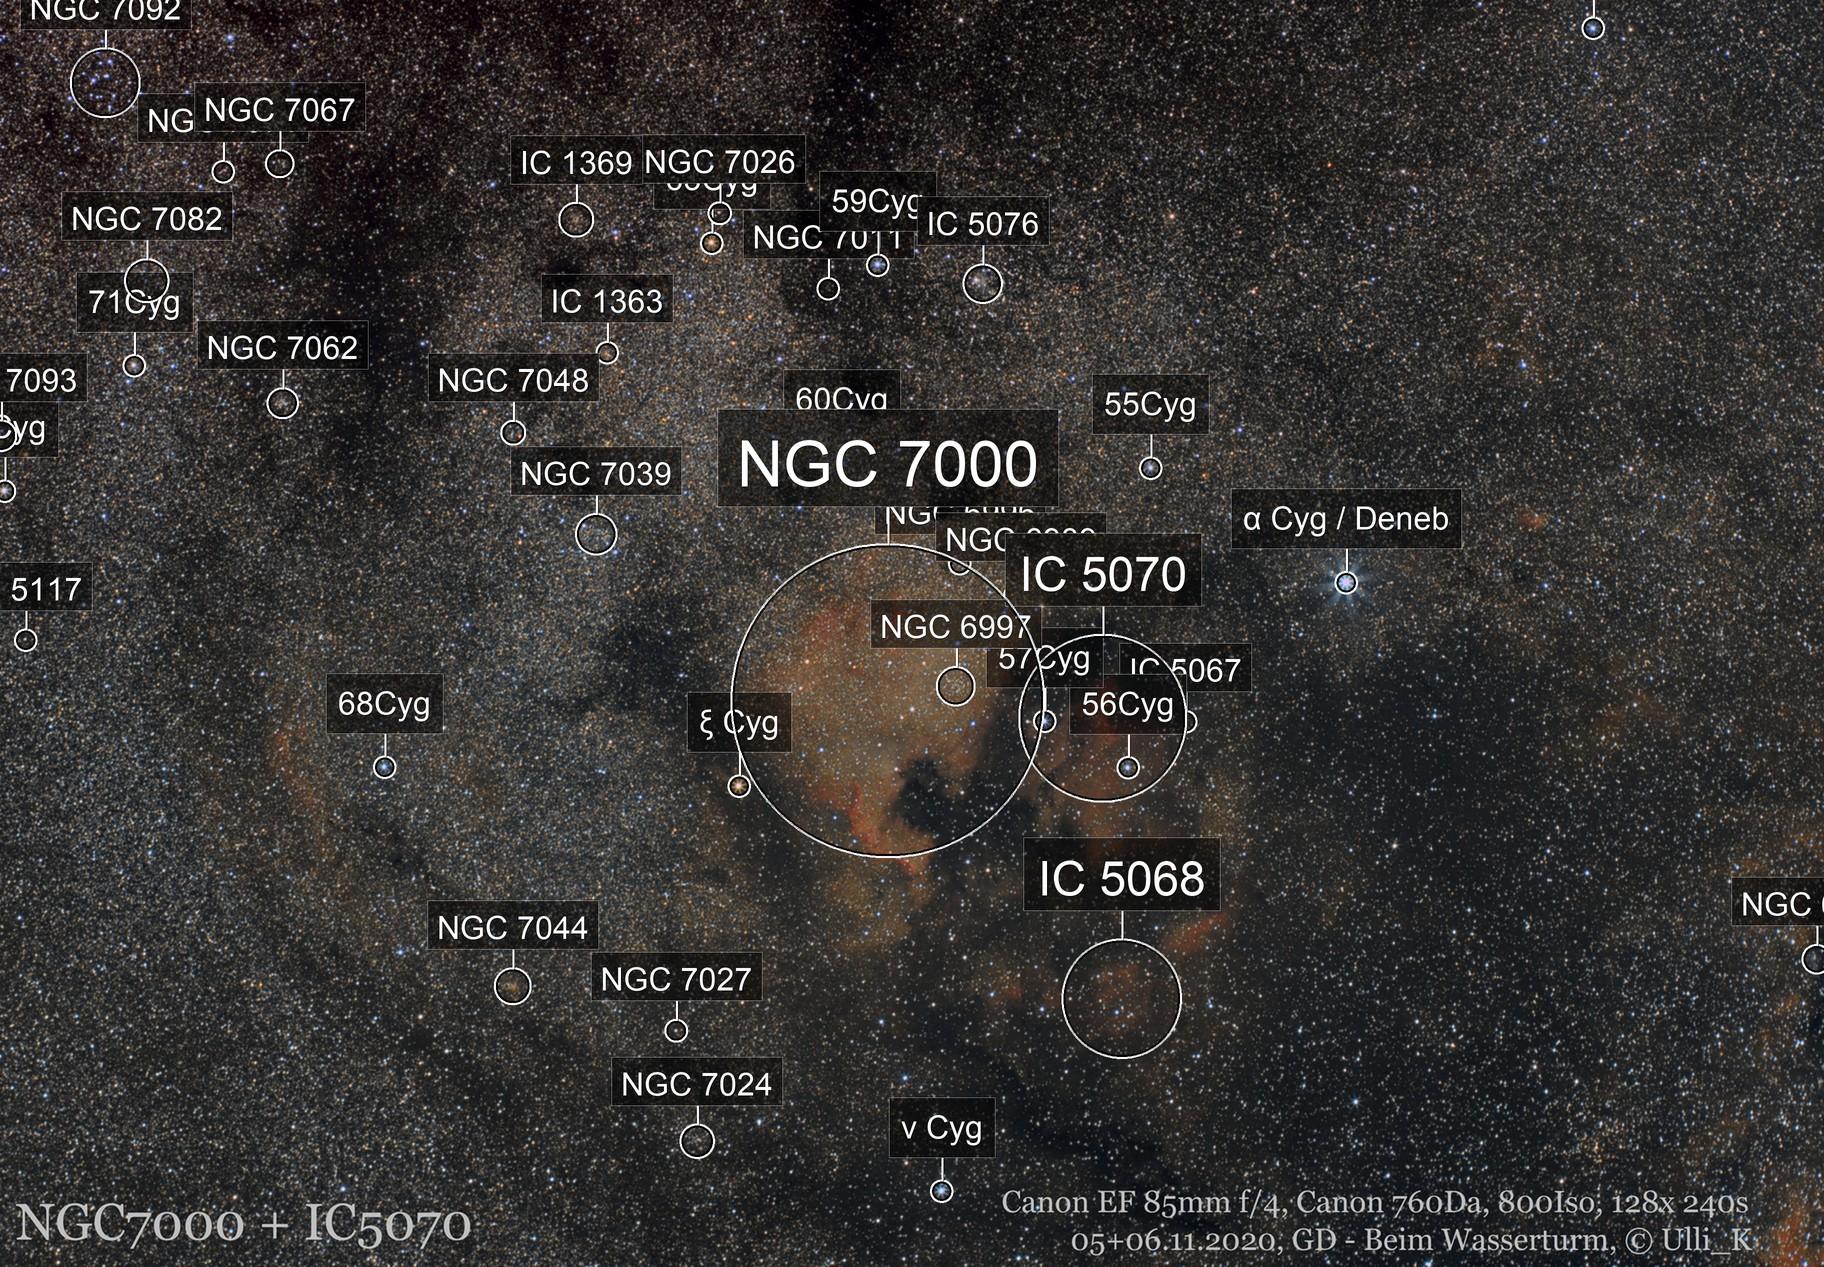 NGC7000 + IC5070 widefield